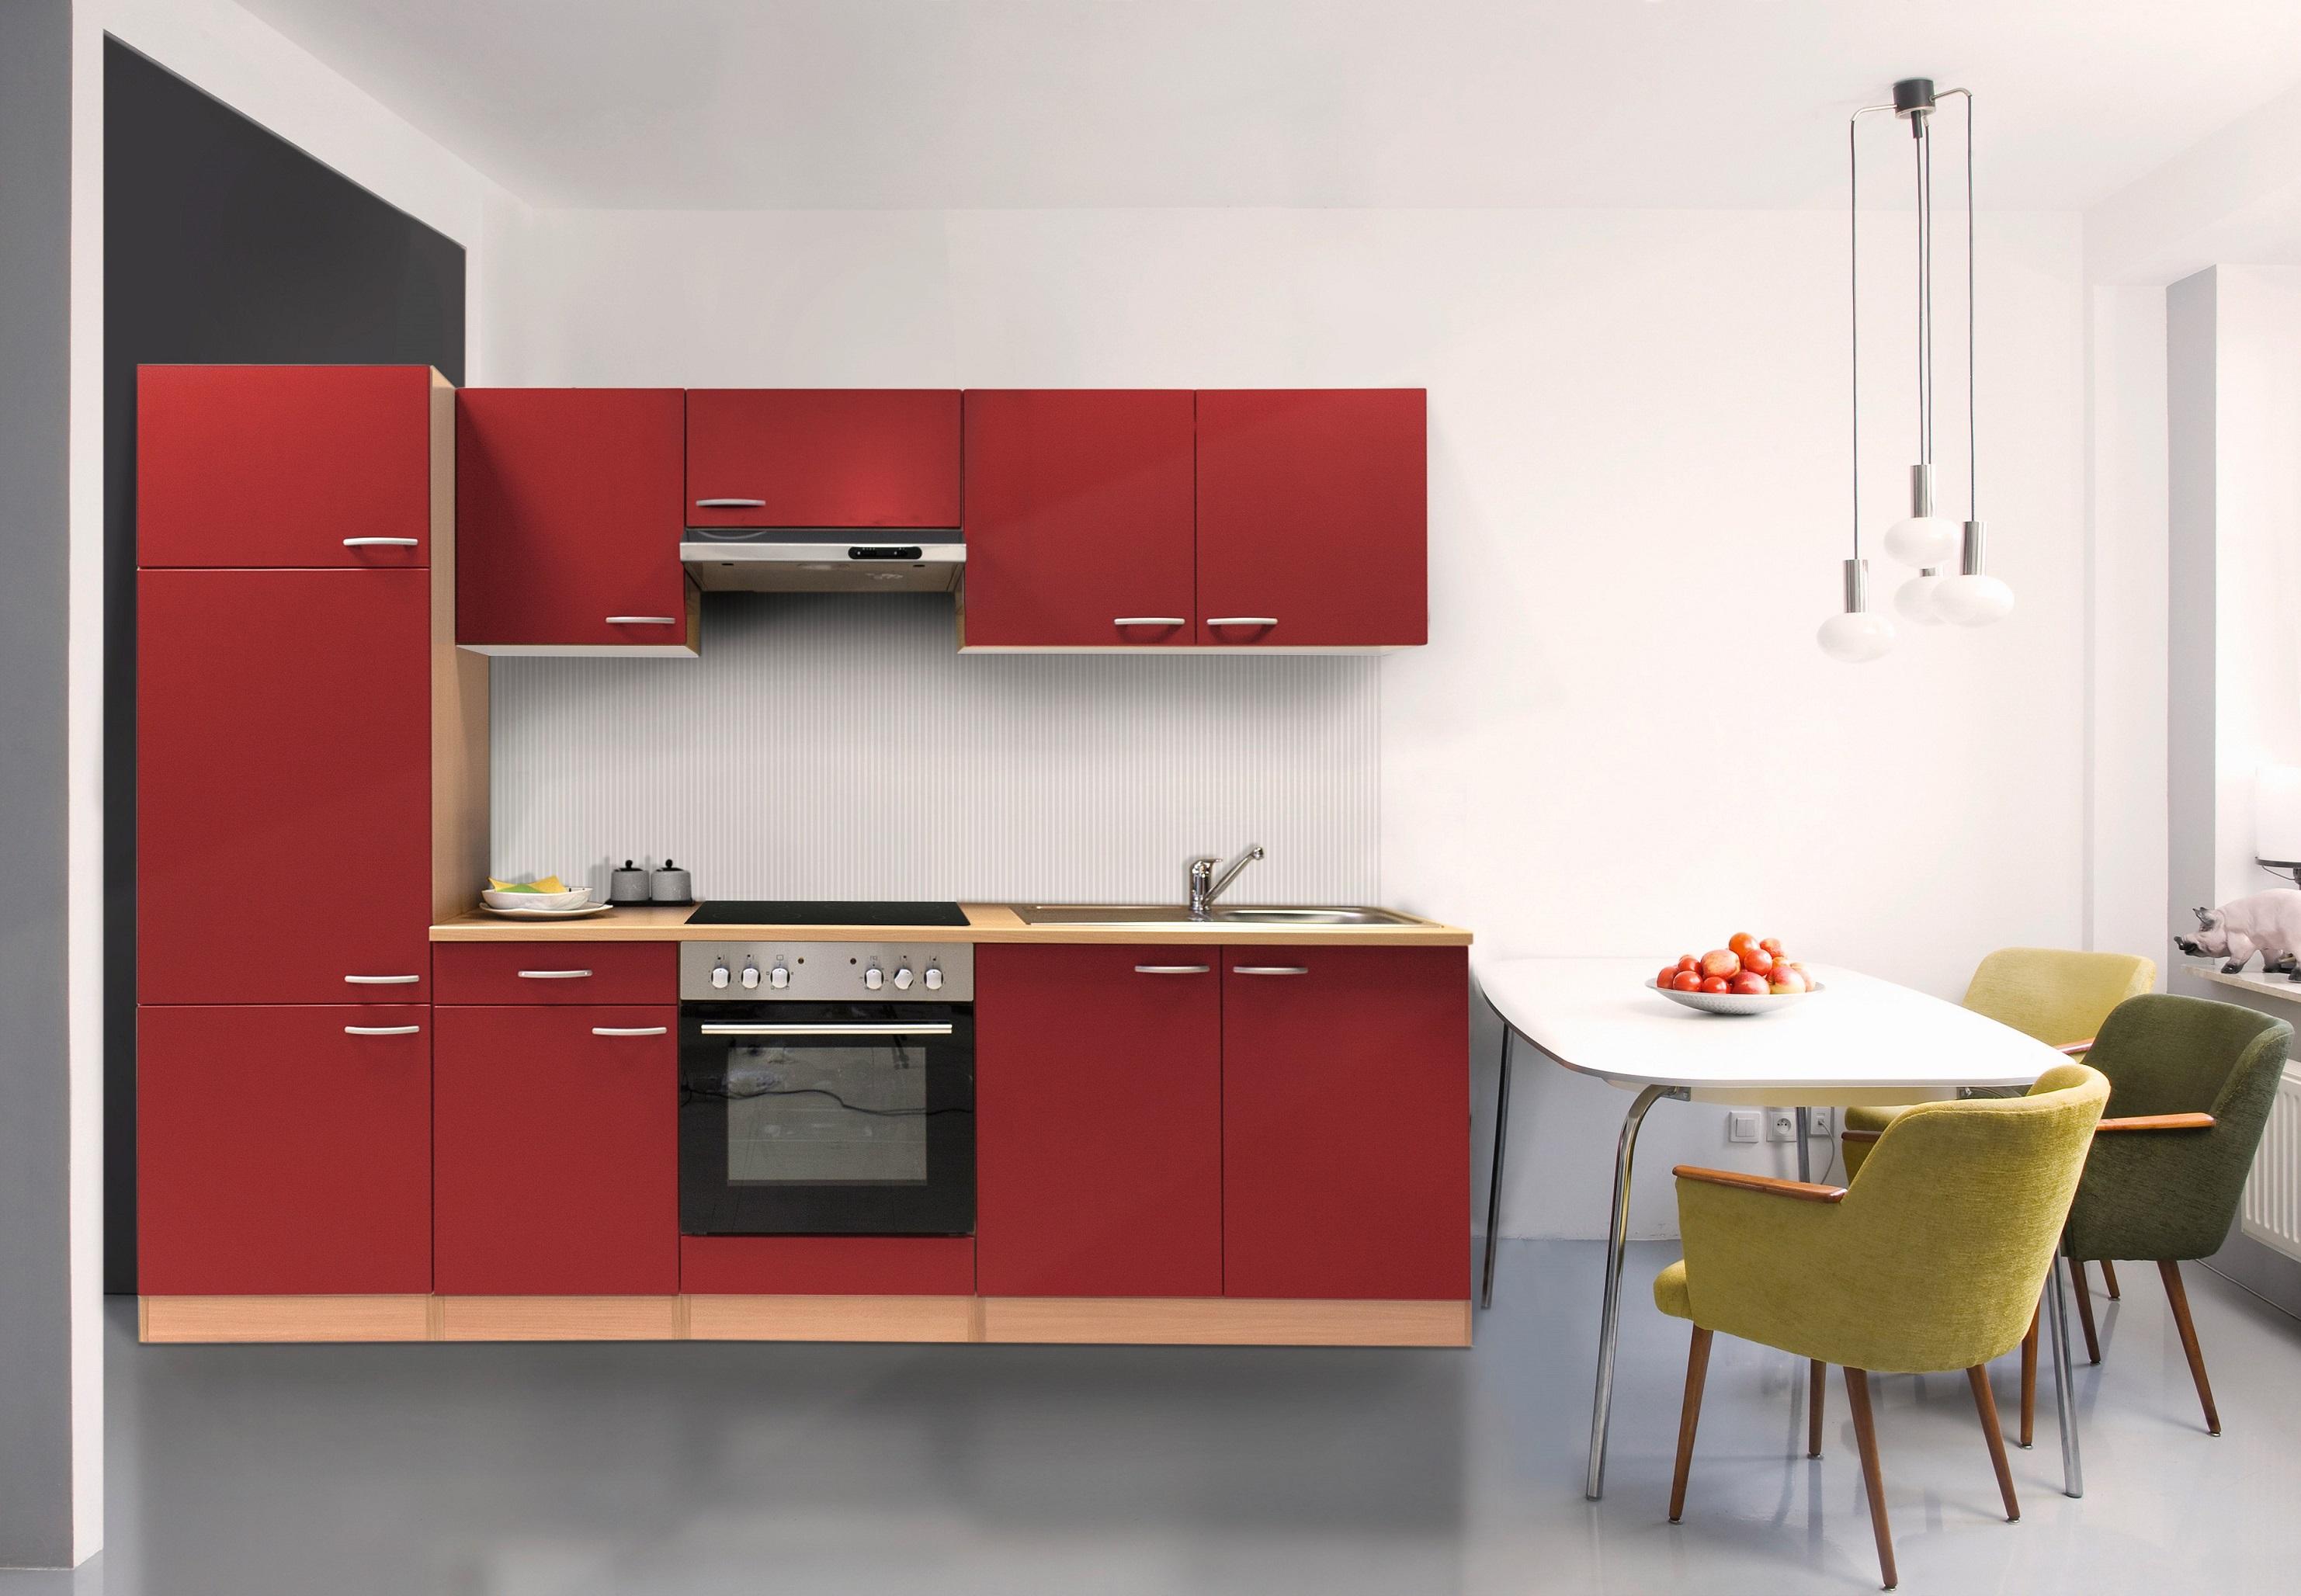 k che k chenzeile k chenblock einbauk che komplettk che 270cm buche rot respekta ebay. Black Bedroom Furniture Sets. Home Design Ideas